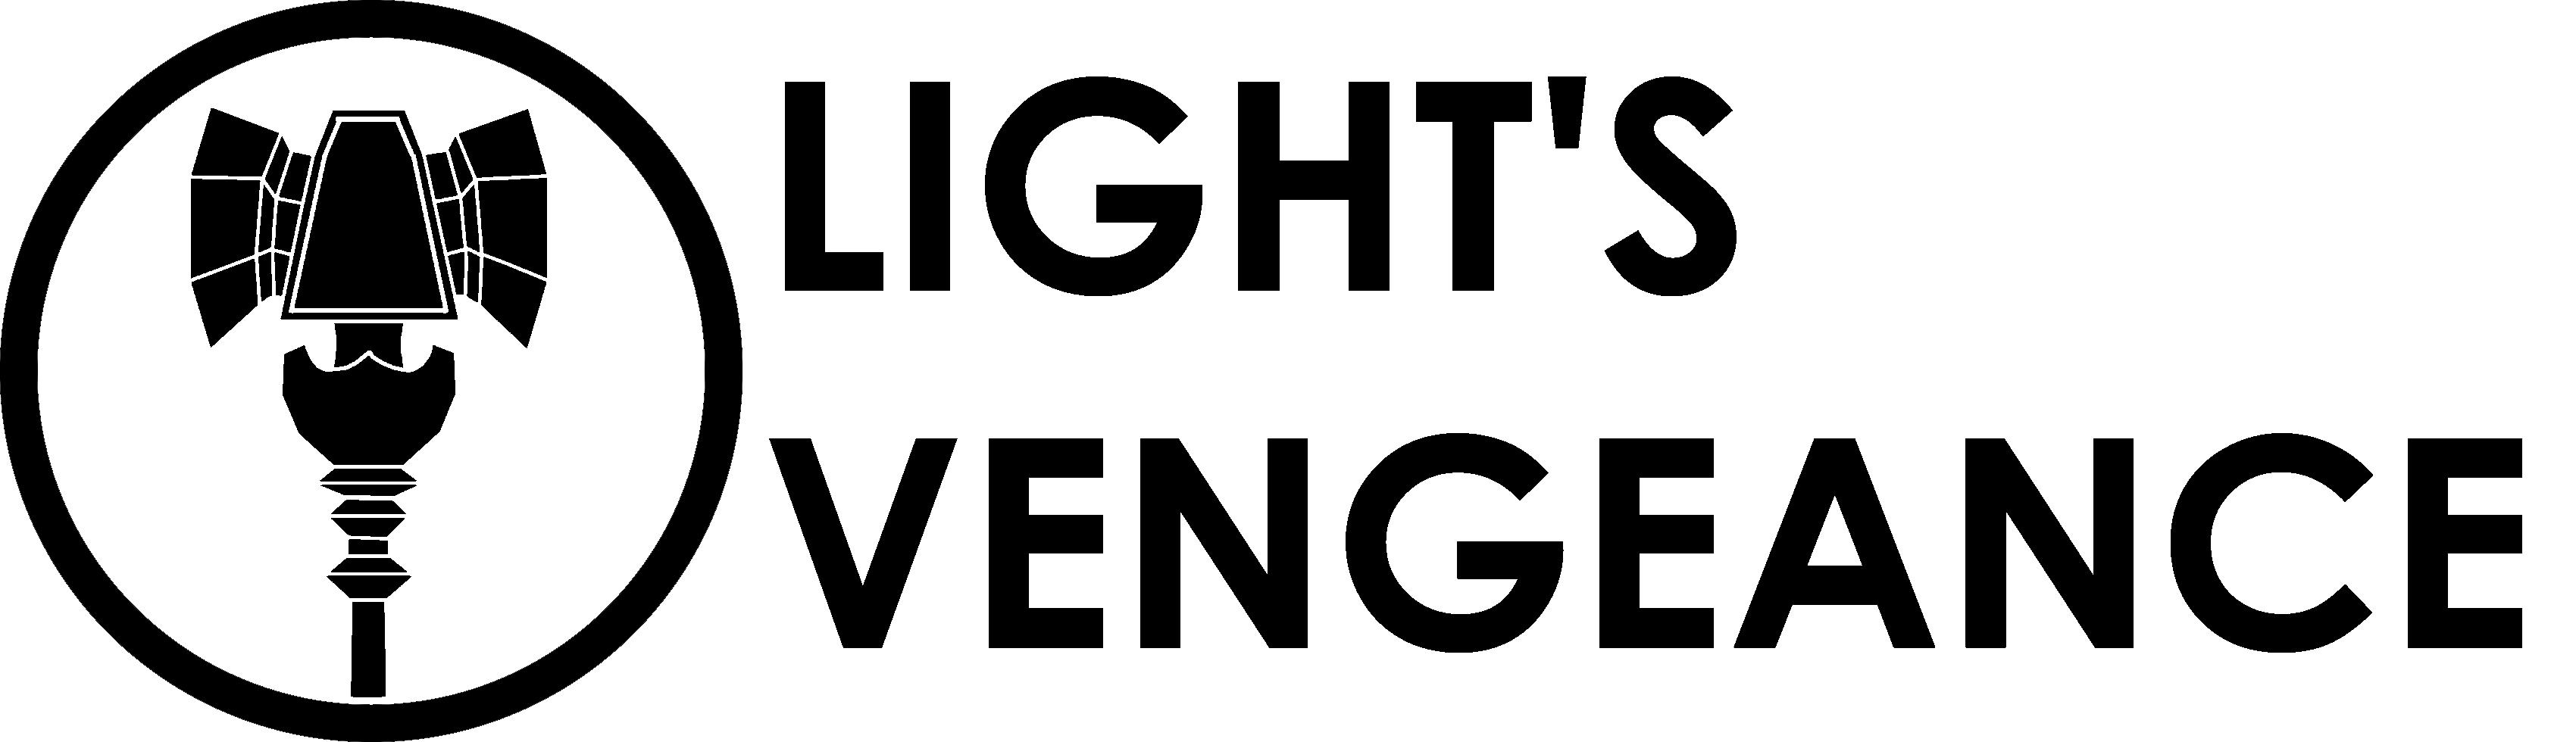 Light's Vengeance